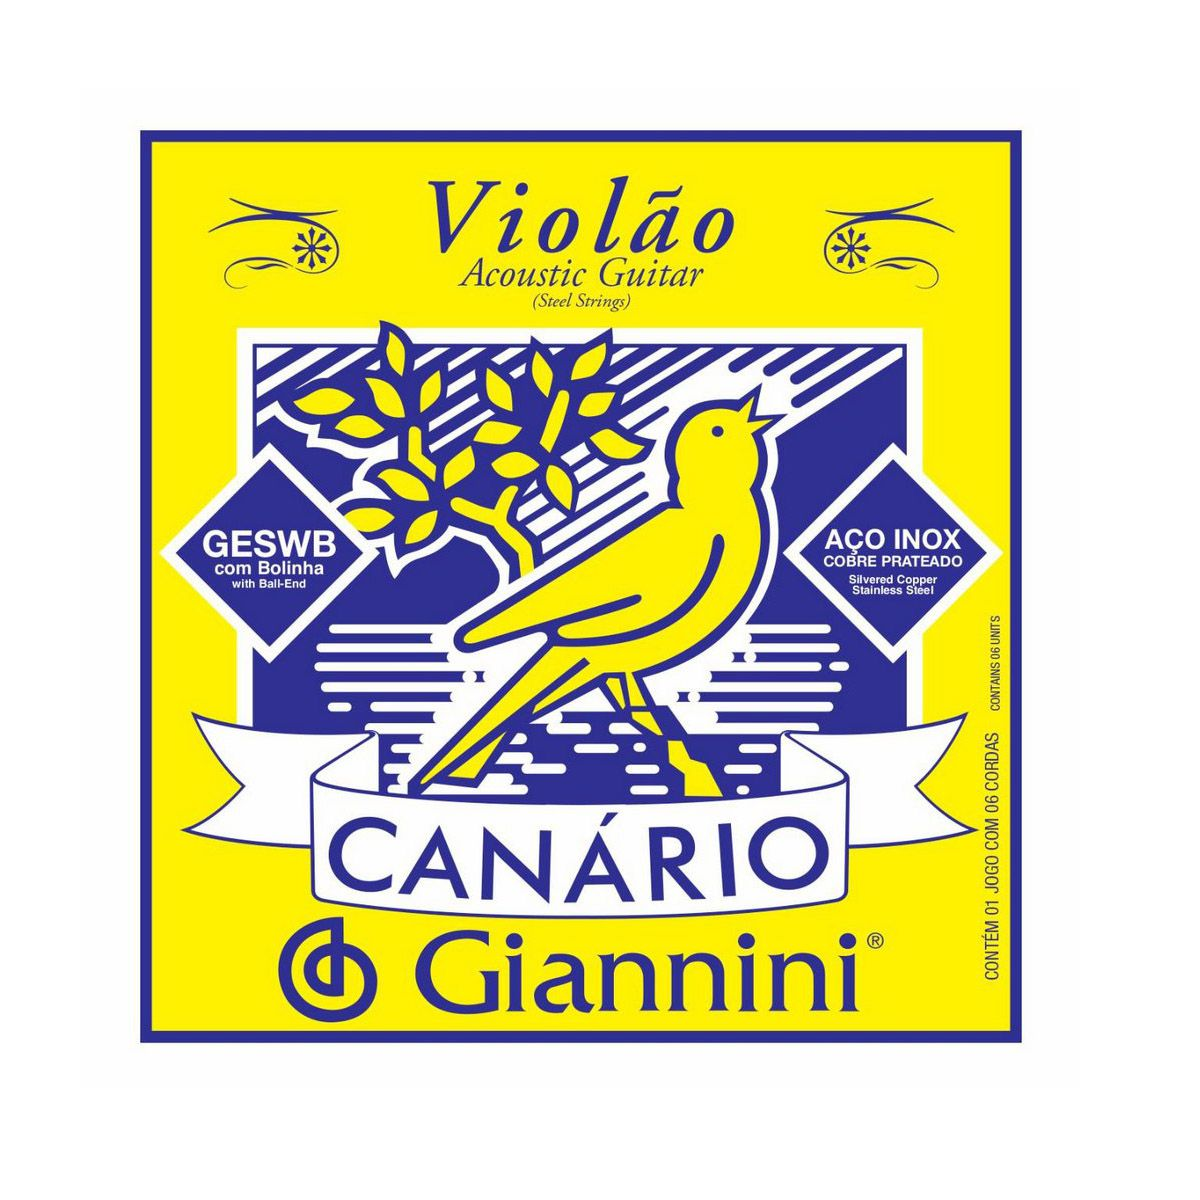 Encordoamento Giannini Geswb .011/.045 Canário P/ Violão